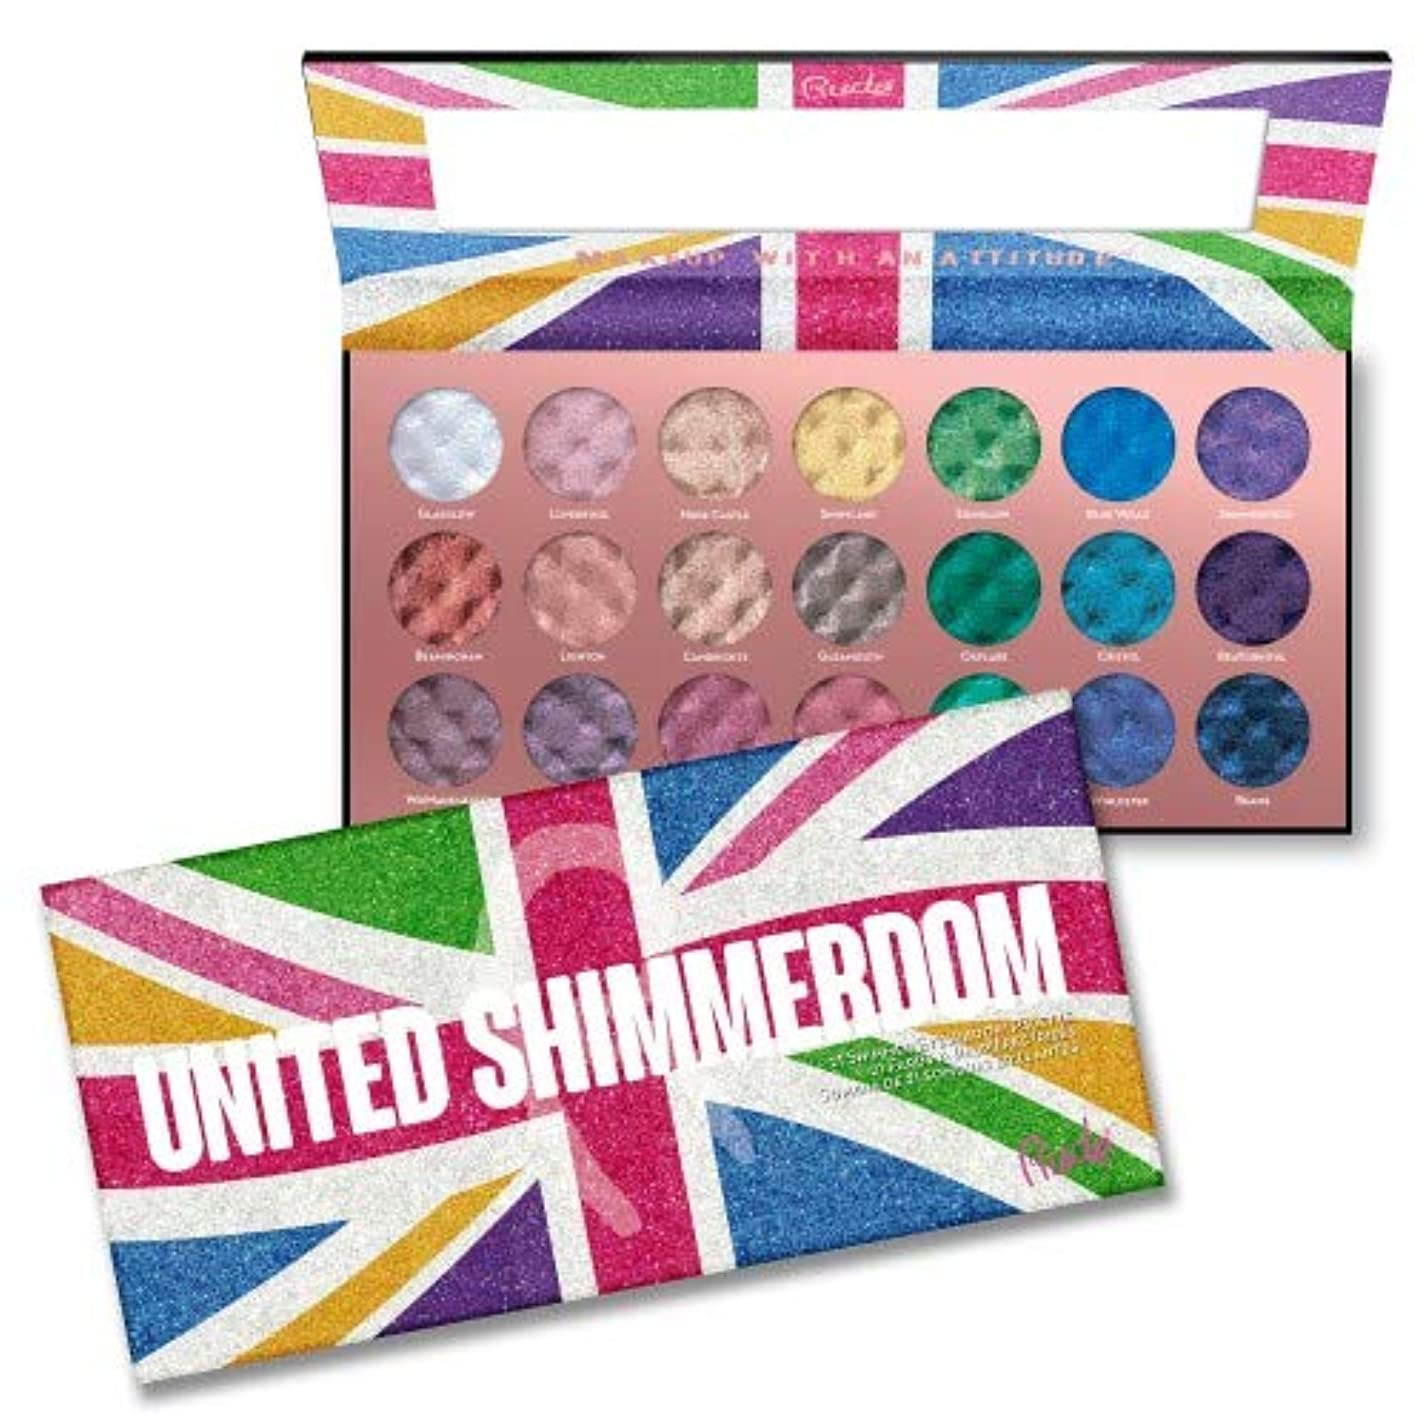 下着サイクロプス木RUDE United Shimmerdom - 21 Shimmer Eyeshadow Palette (並行輸入品)